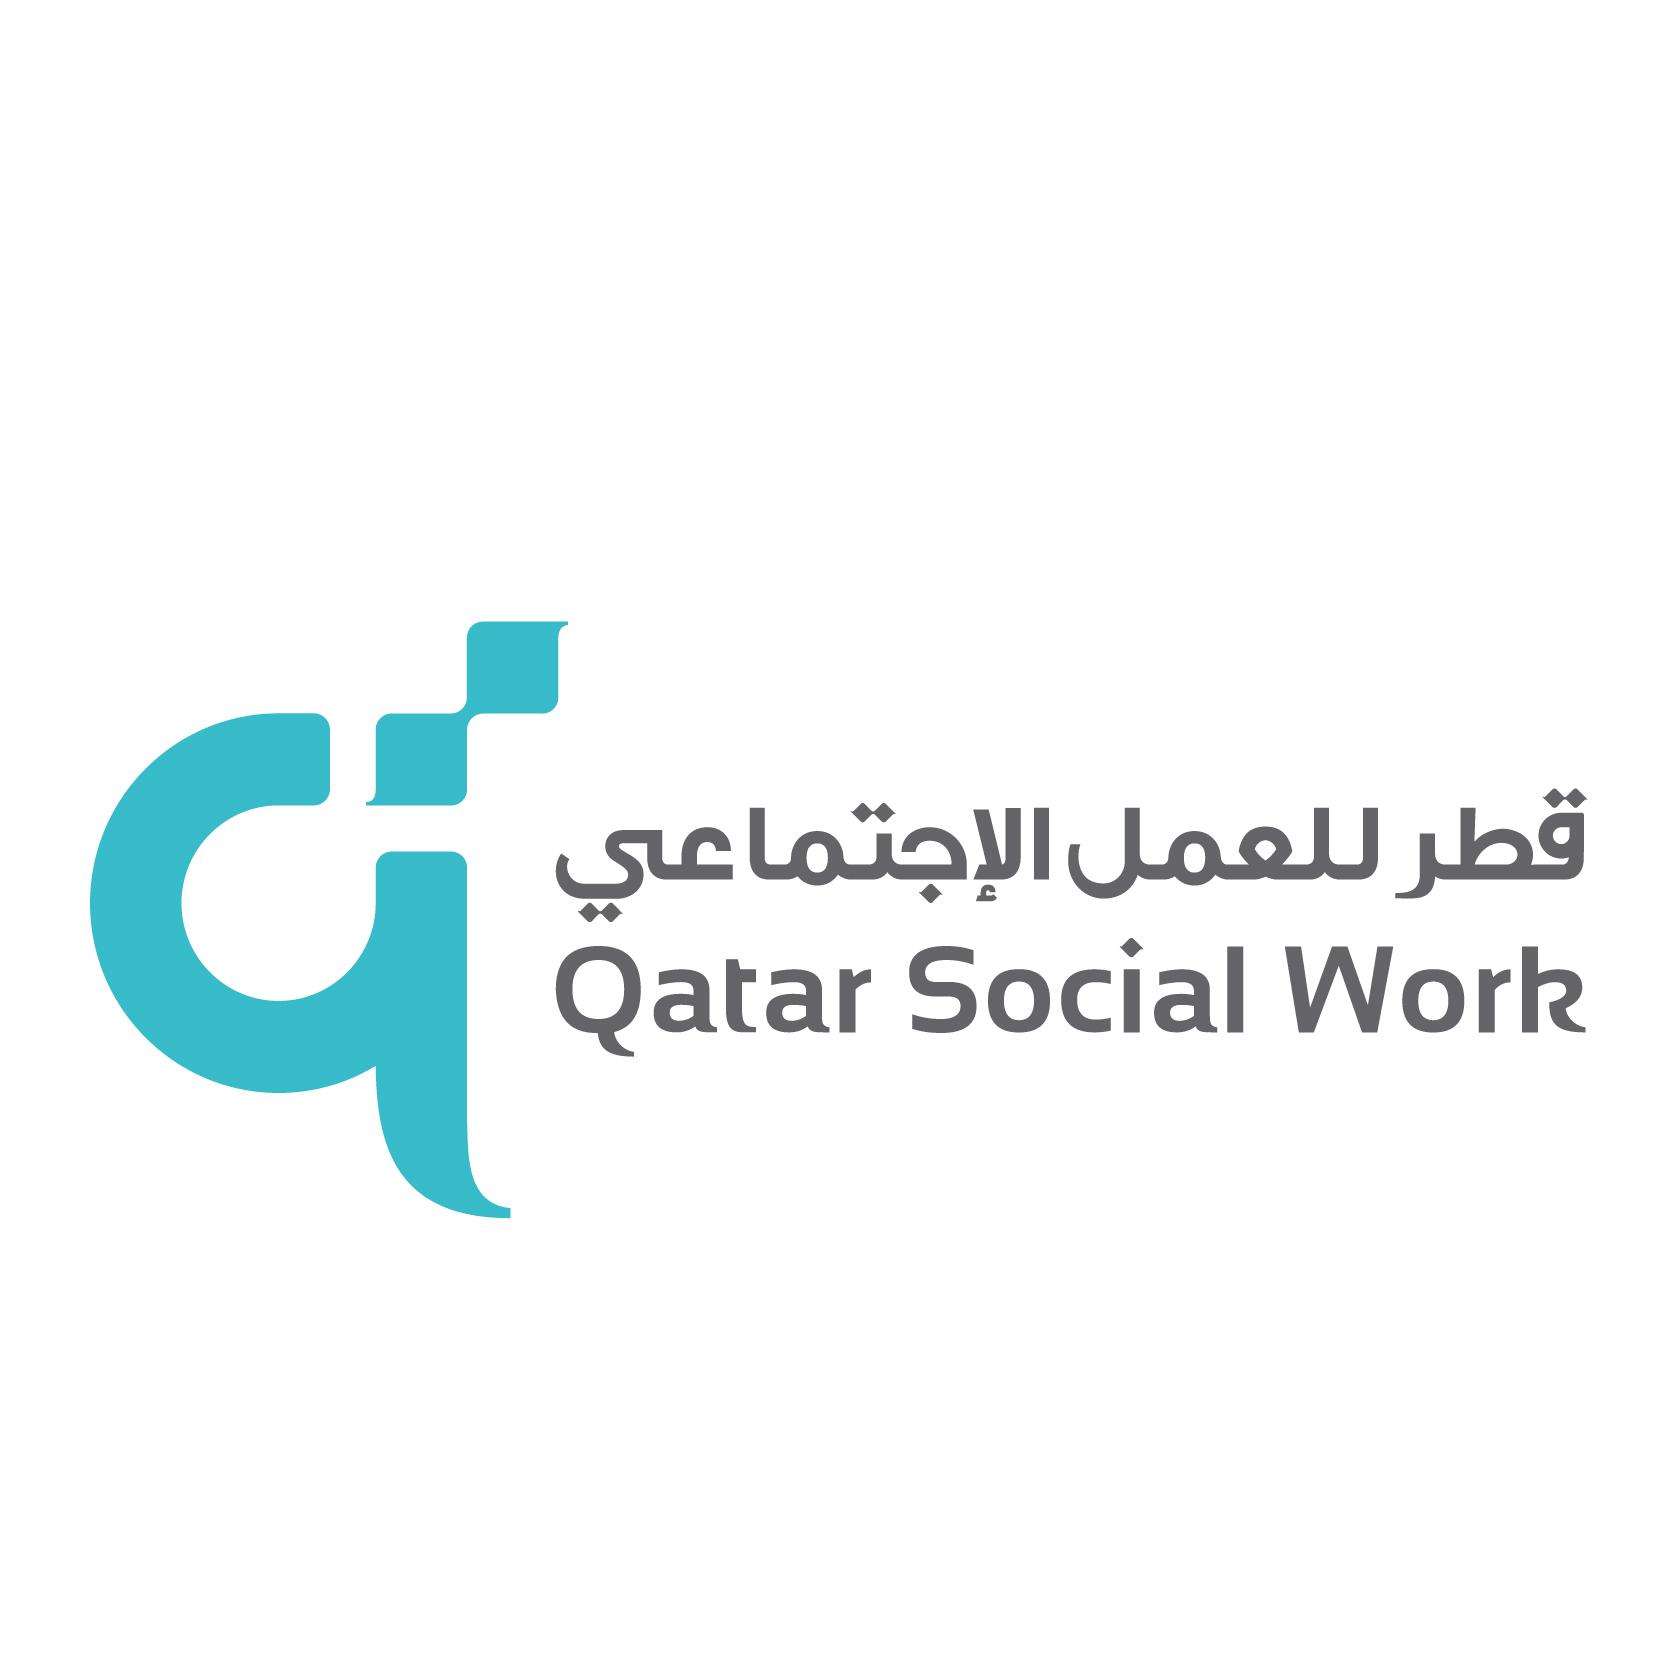 قطر للعمل الإجتماعي